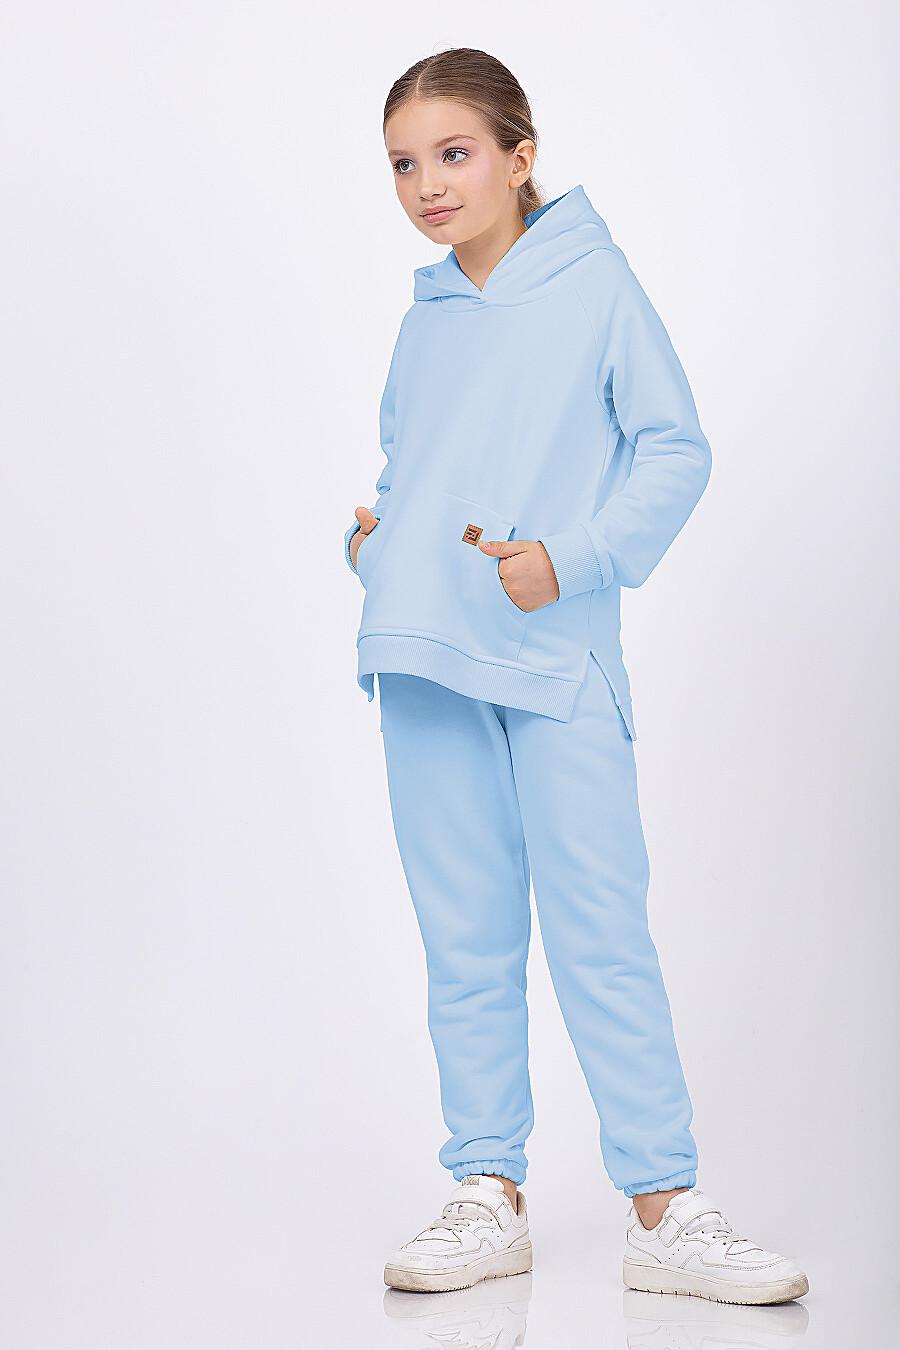 Костюм(Худи+Брюки) для девочек EZANNA 682429 купить оптом от производителя. Совместная покупка детской одежды в OptMoyo